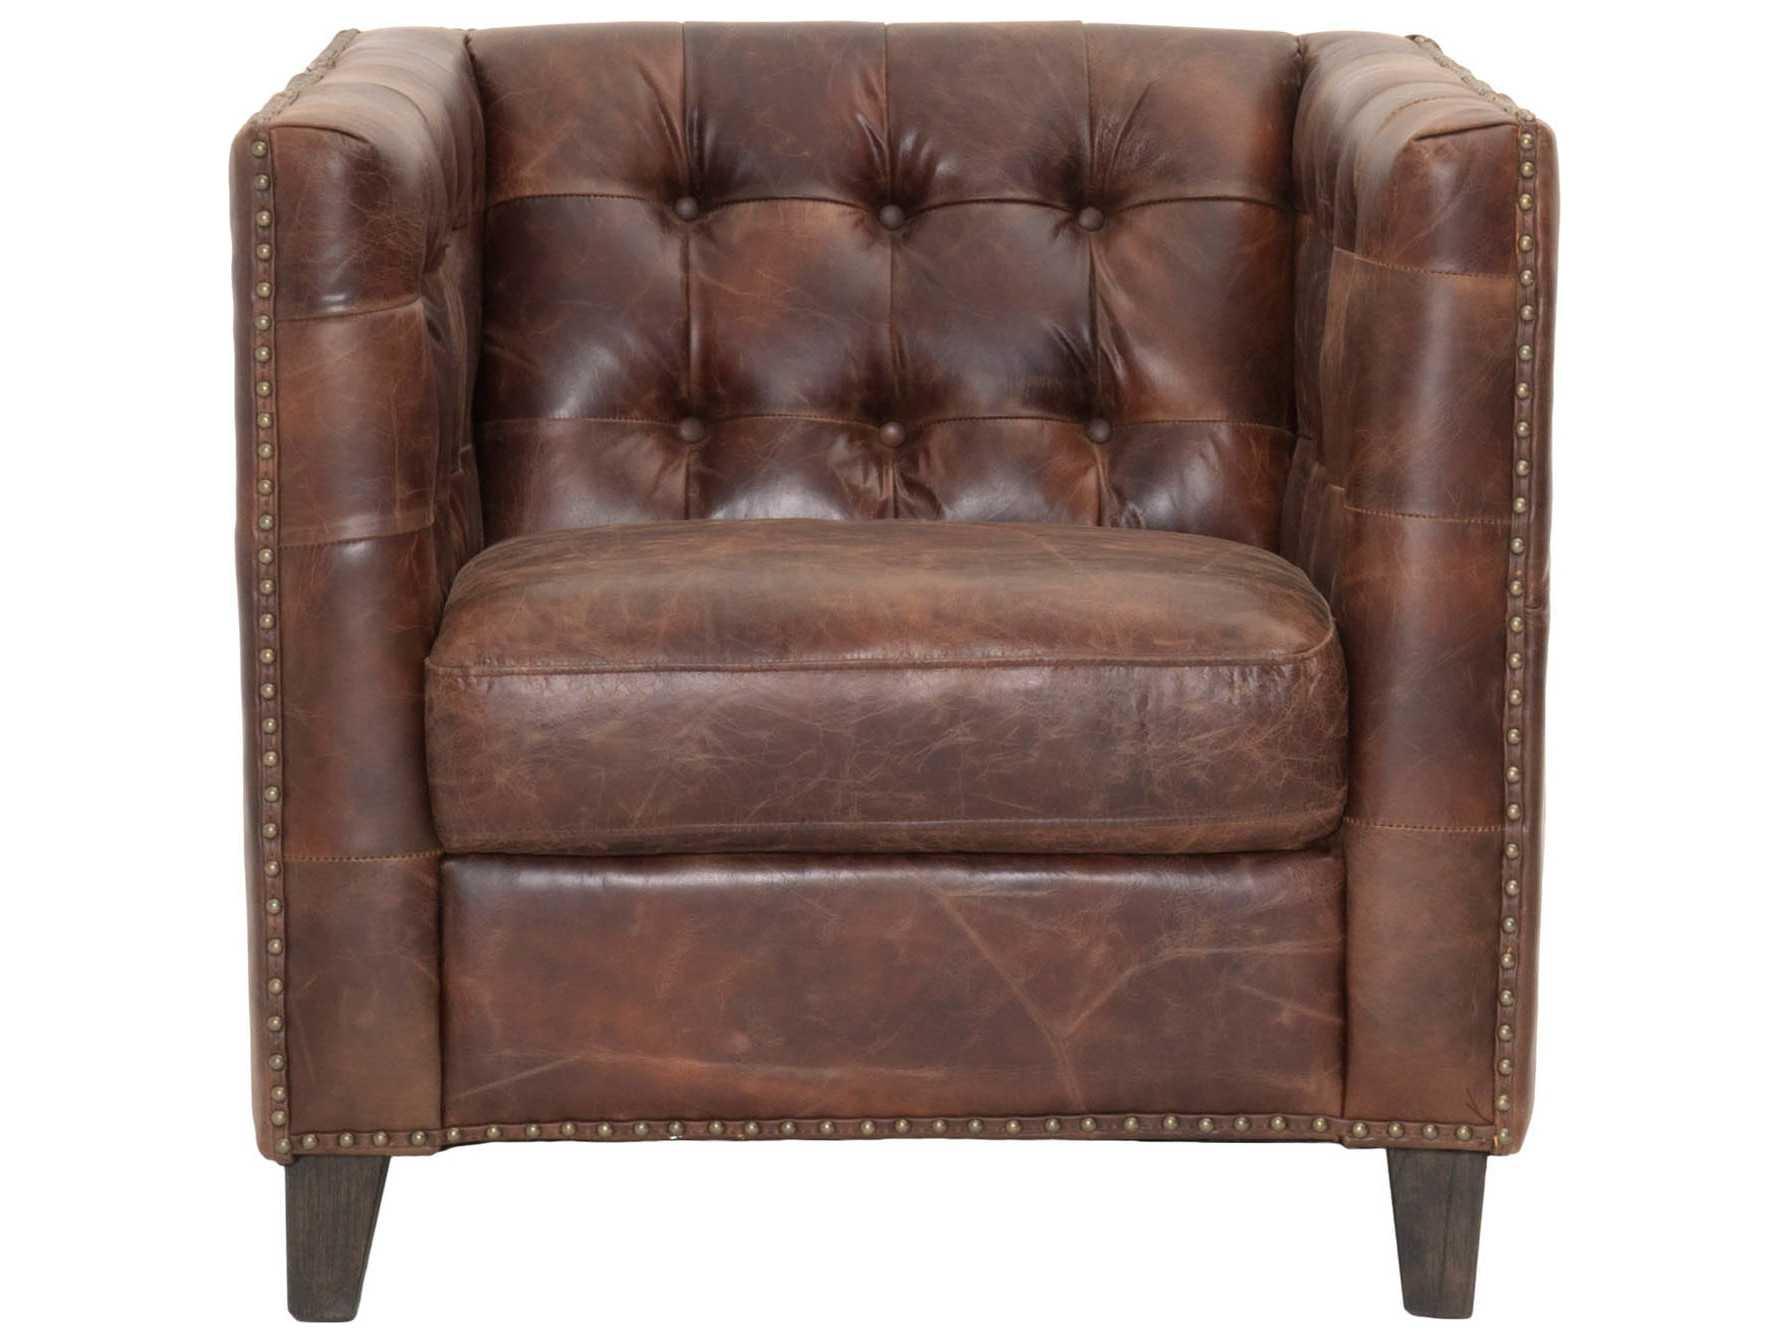 Orient Express Furniture Patina Ritchey Cigar Antique Leather Sofa Chair  Antique Leather Sofa A70